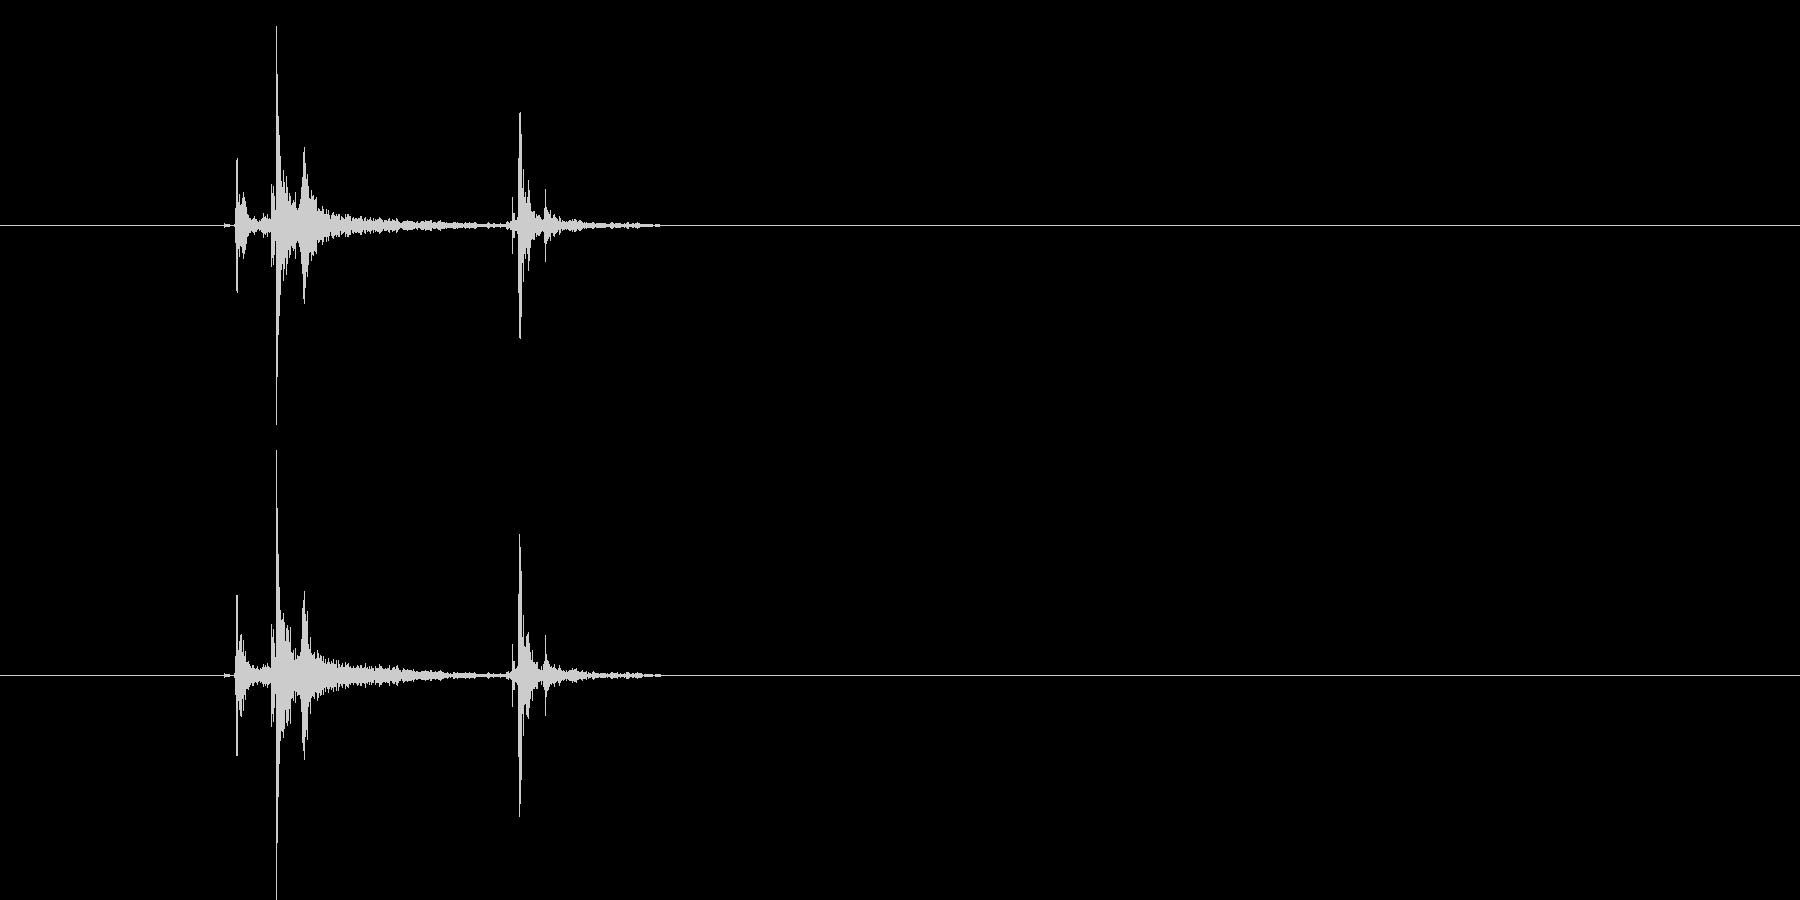 カッチン!硬質な高音・スイッチ音の未再生の波形